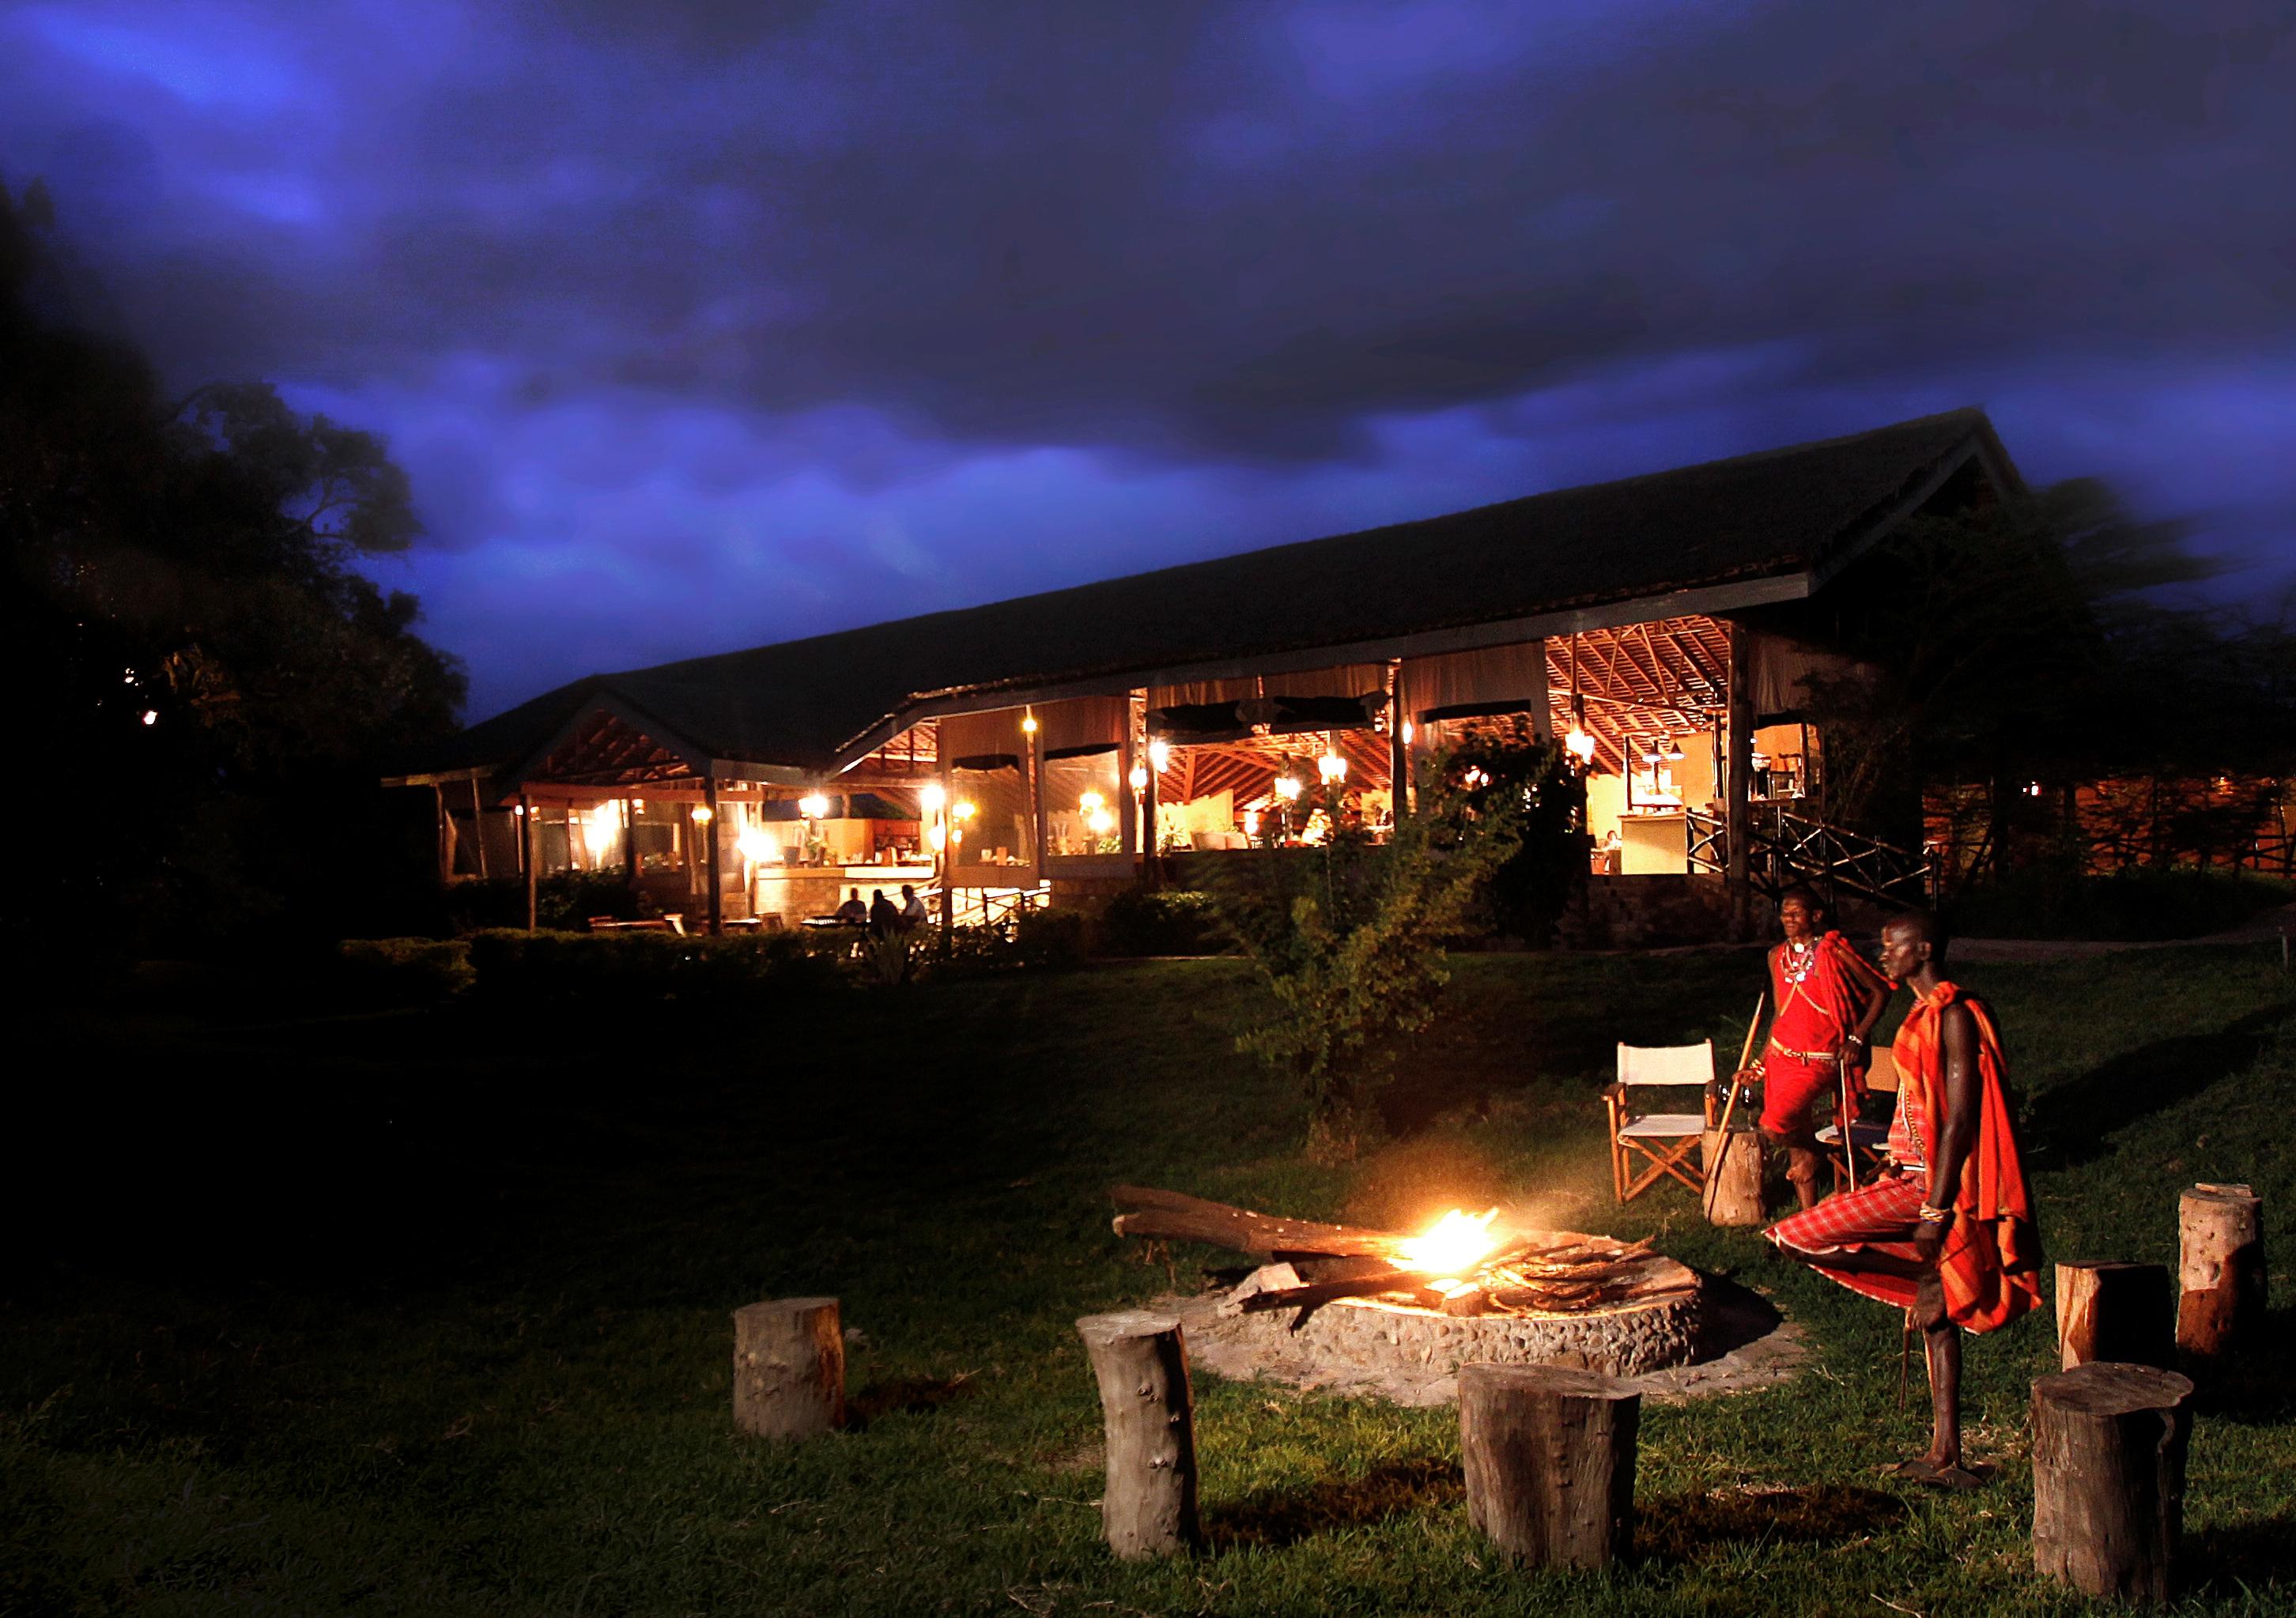 Tipilikwani Mara Camp - Masai Mara (3)